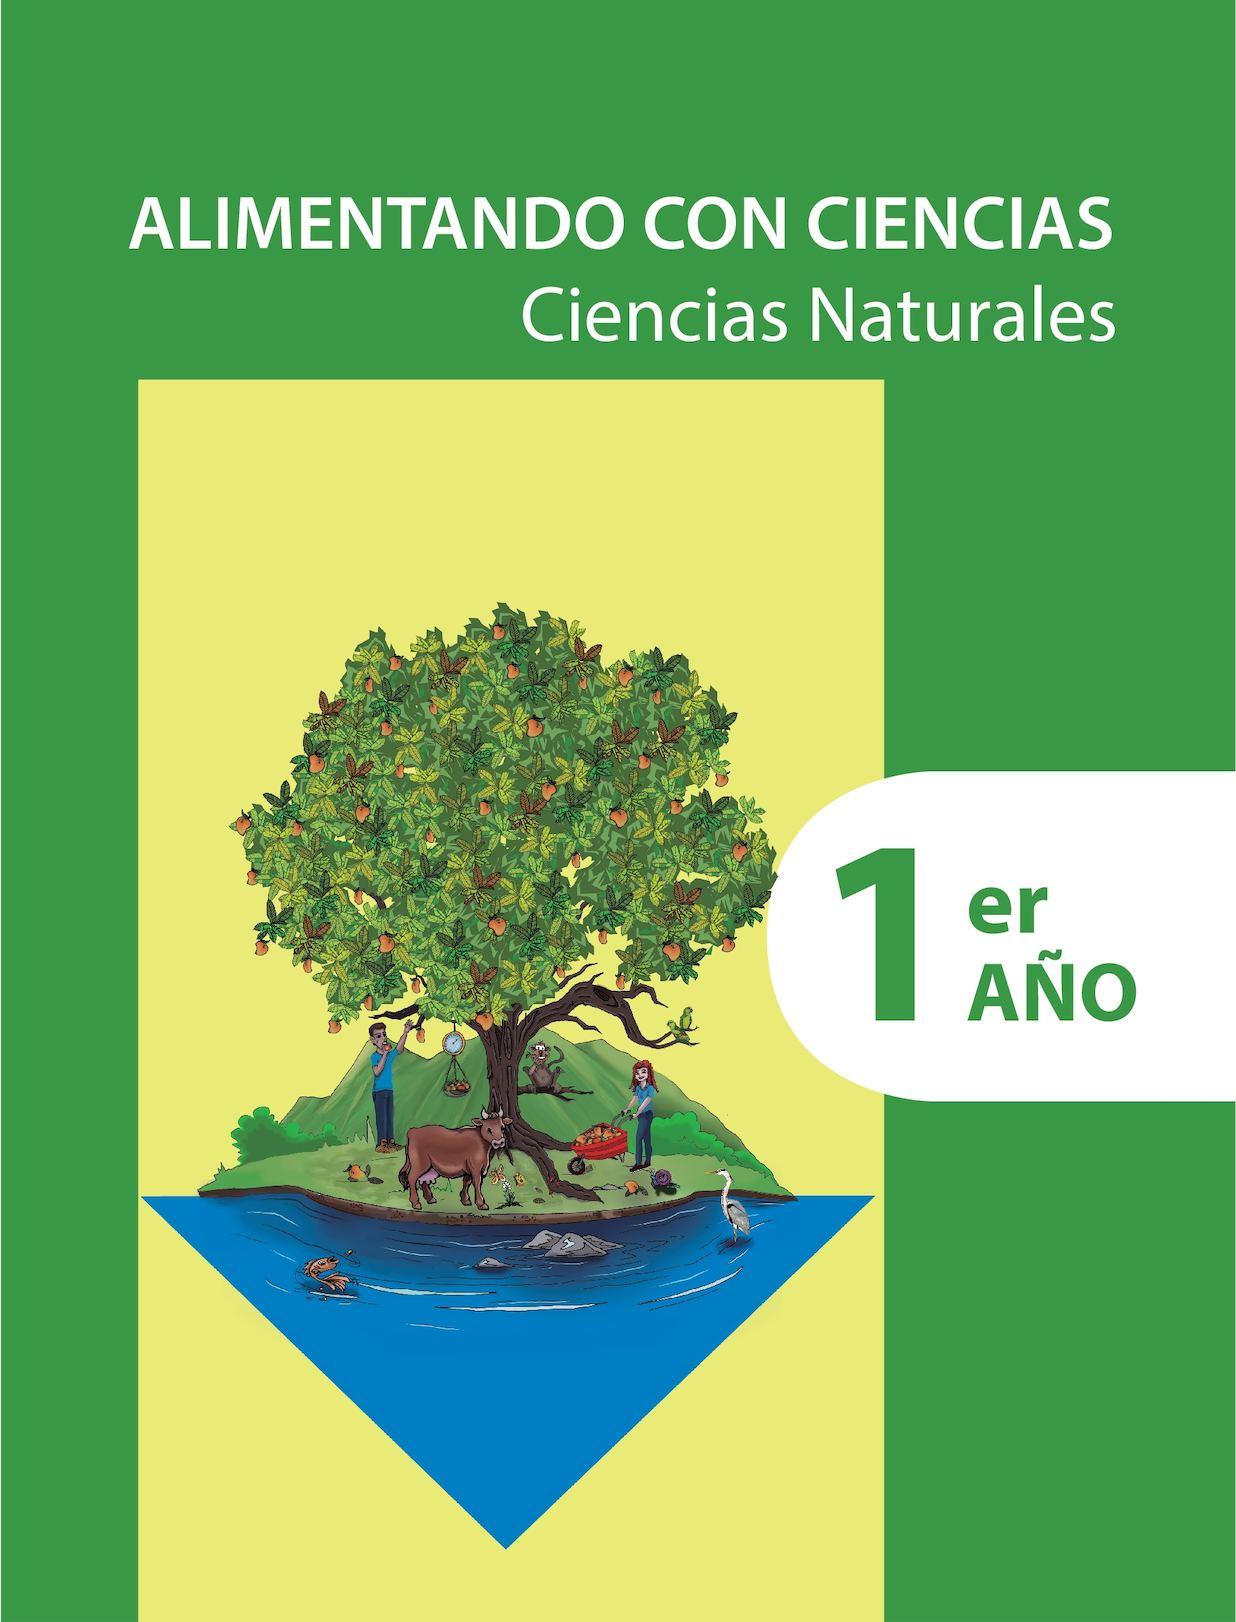 100/% Algodón Tela Estilo De Vida Animal Planet mapamundi Vida Silvestre de 140 Cm de Ancho